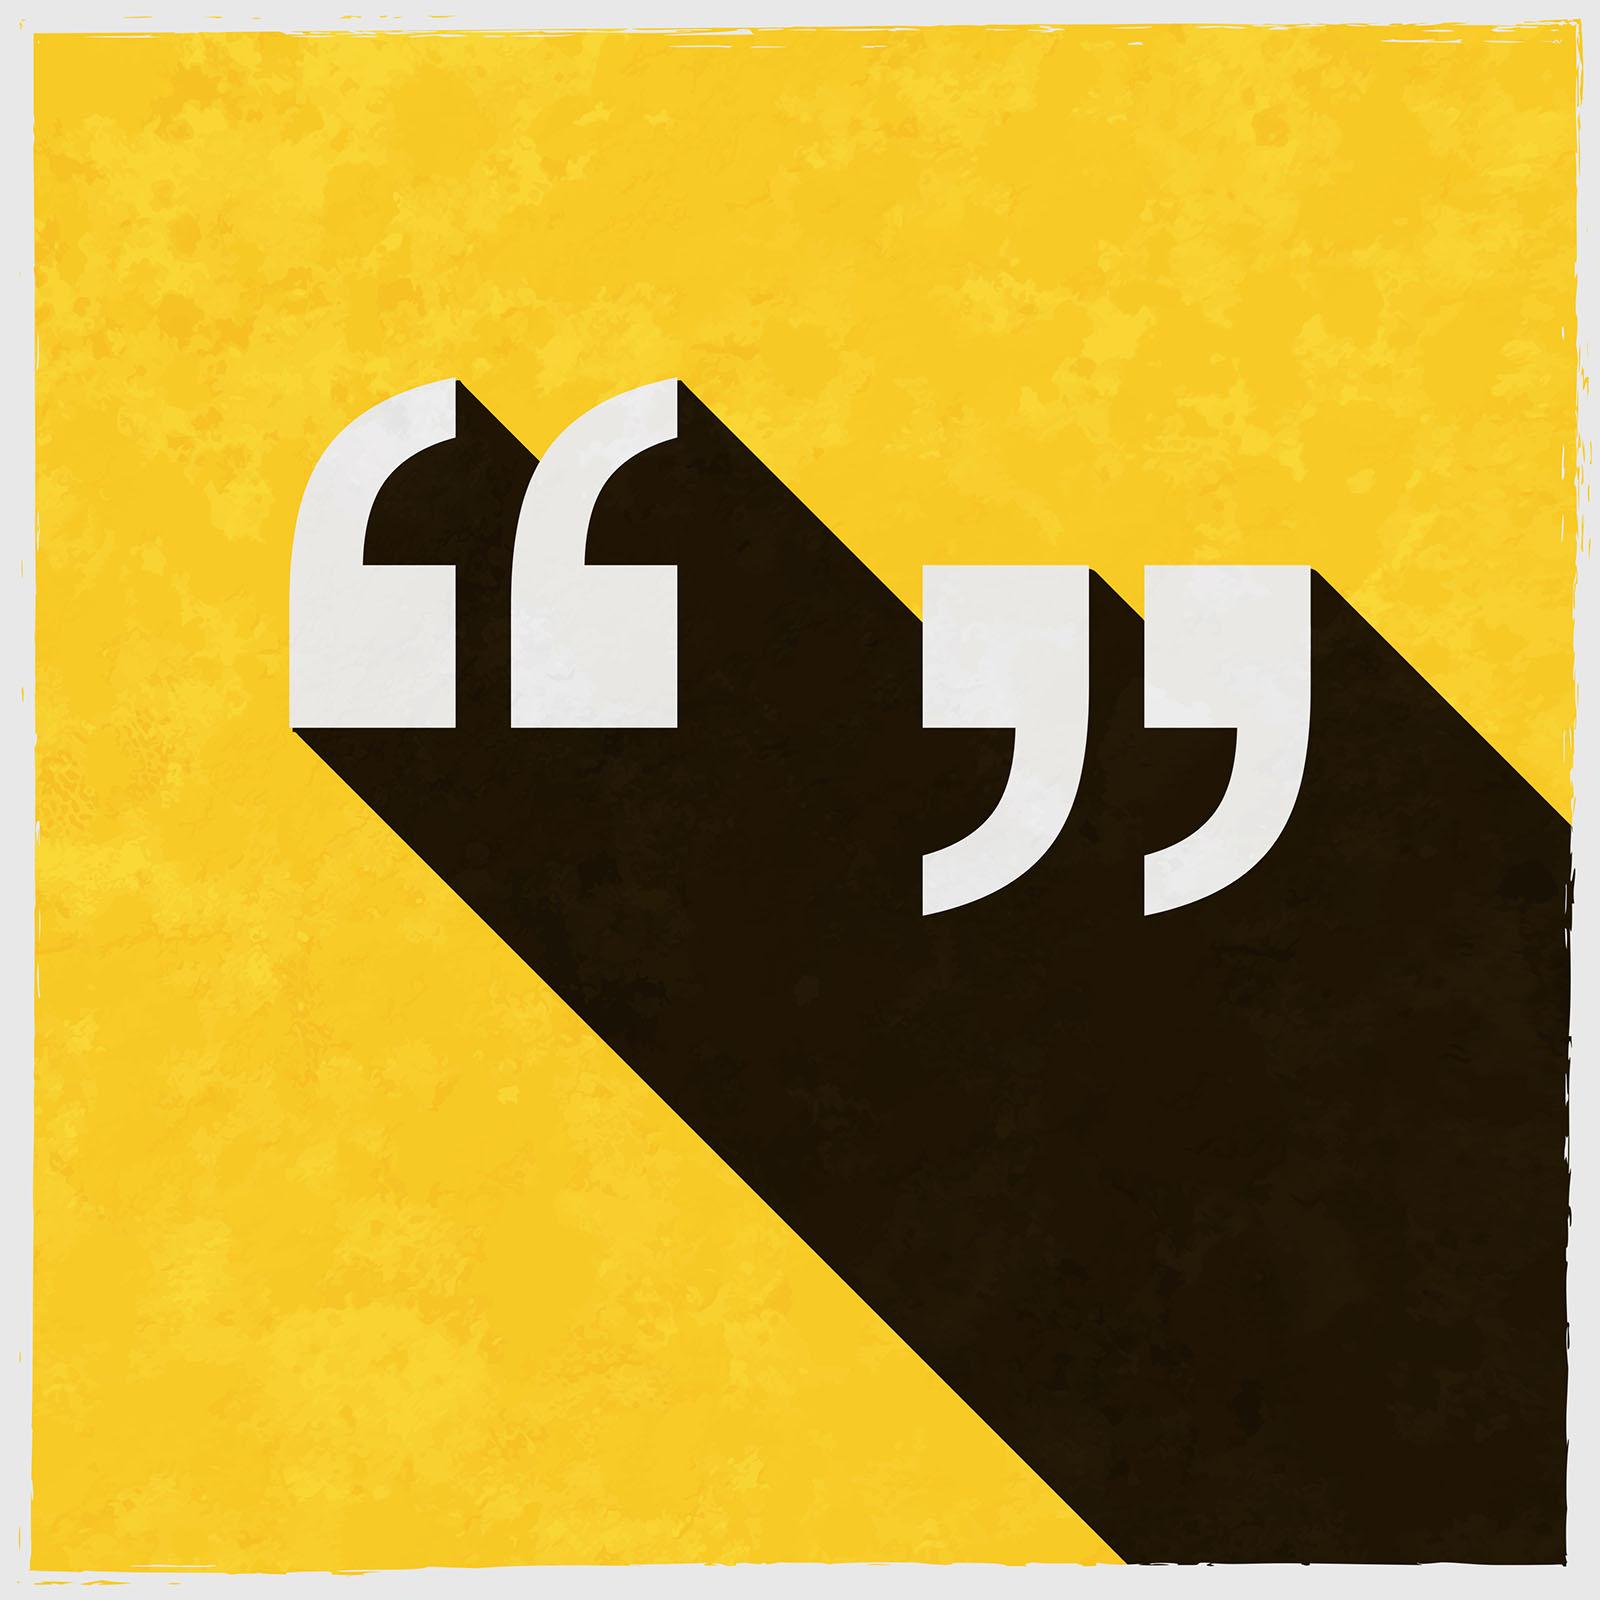 Philosophy's Most Famous Quotations, Part 2